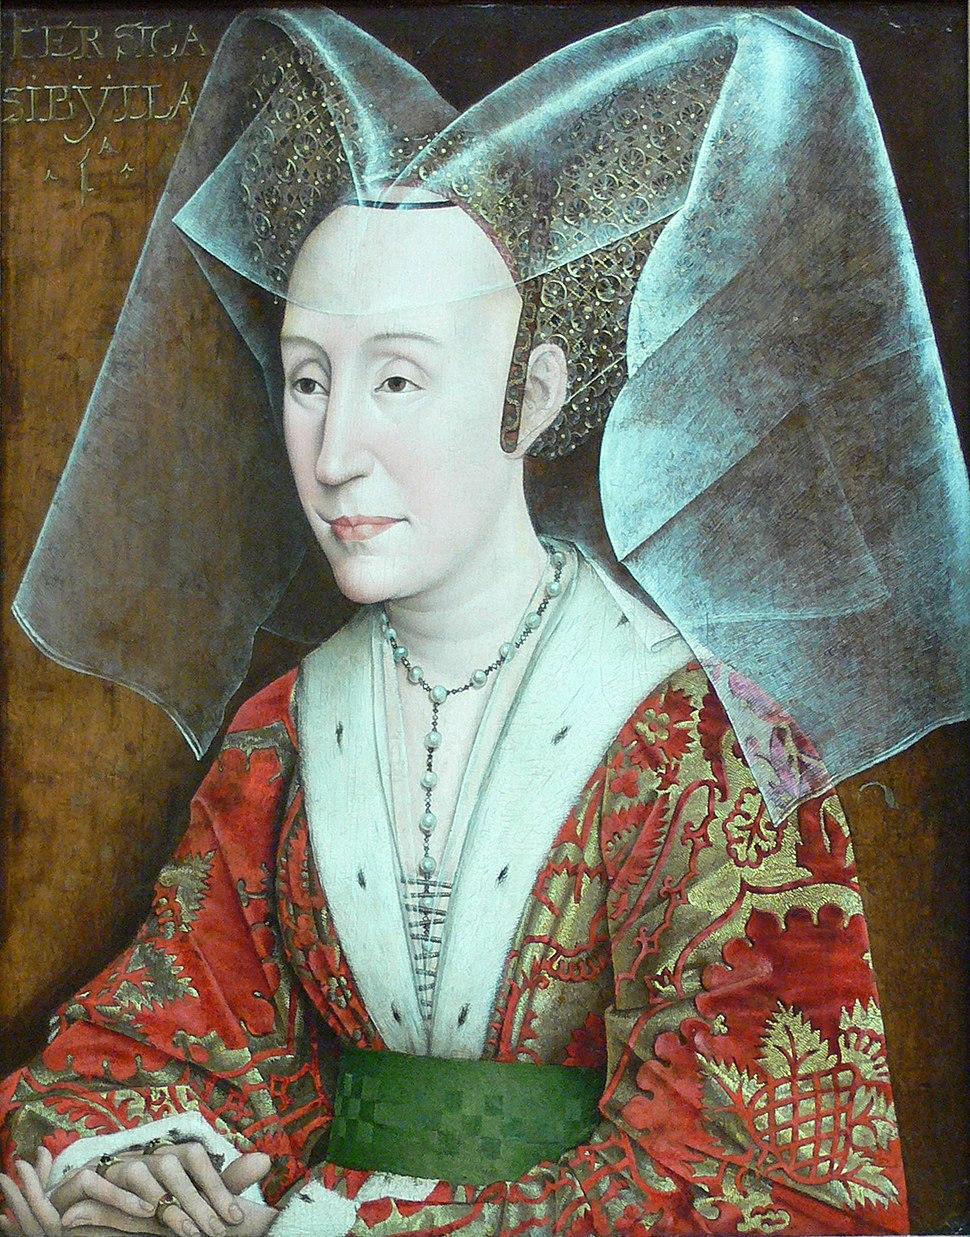 Rogier van der Weyden workshop - Portrait of Isabella of Portugal - without frame